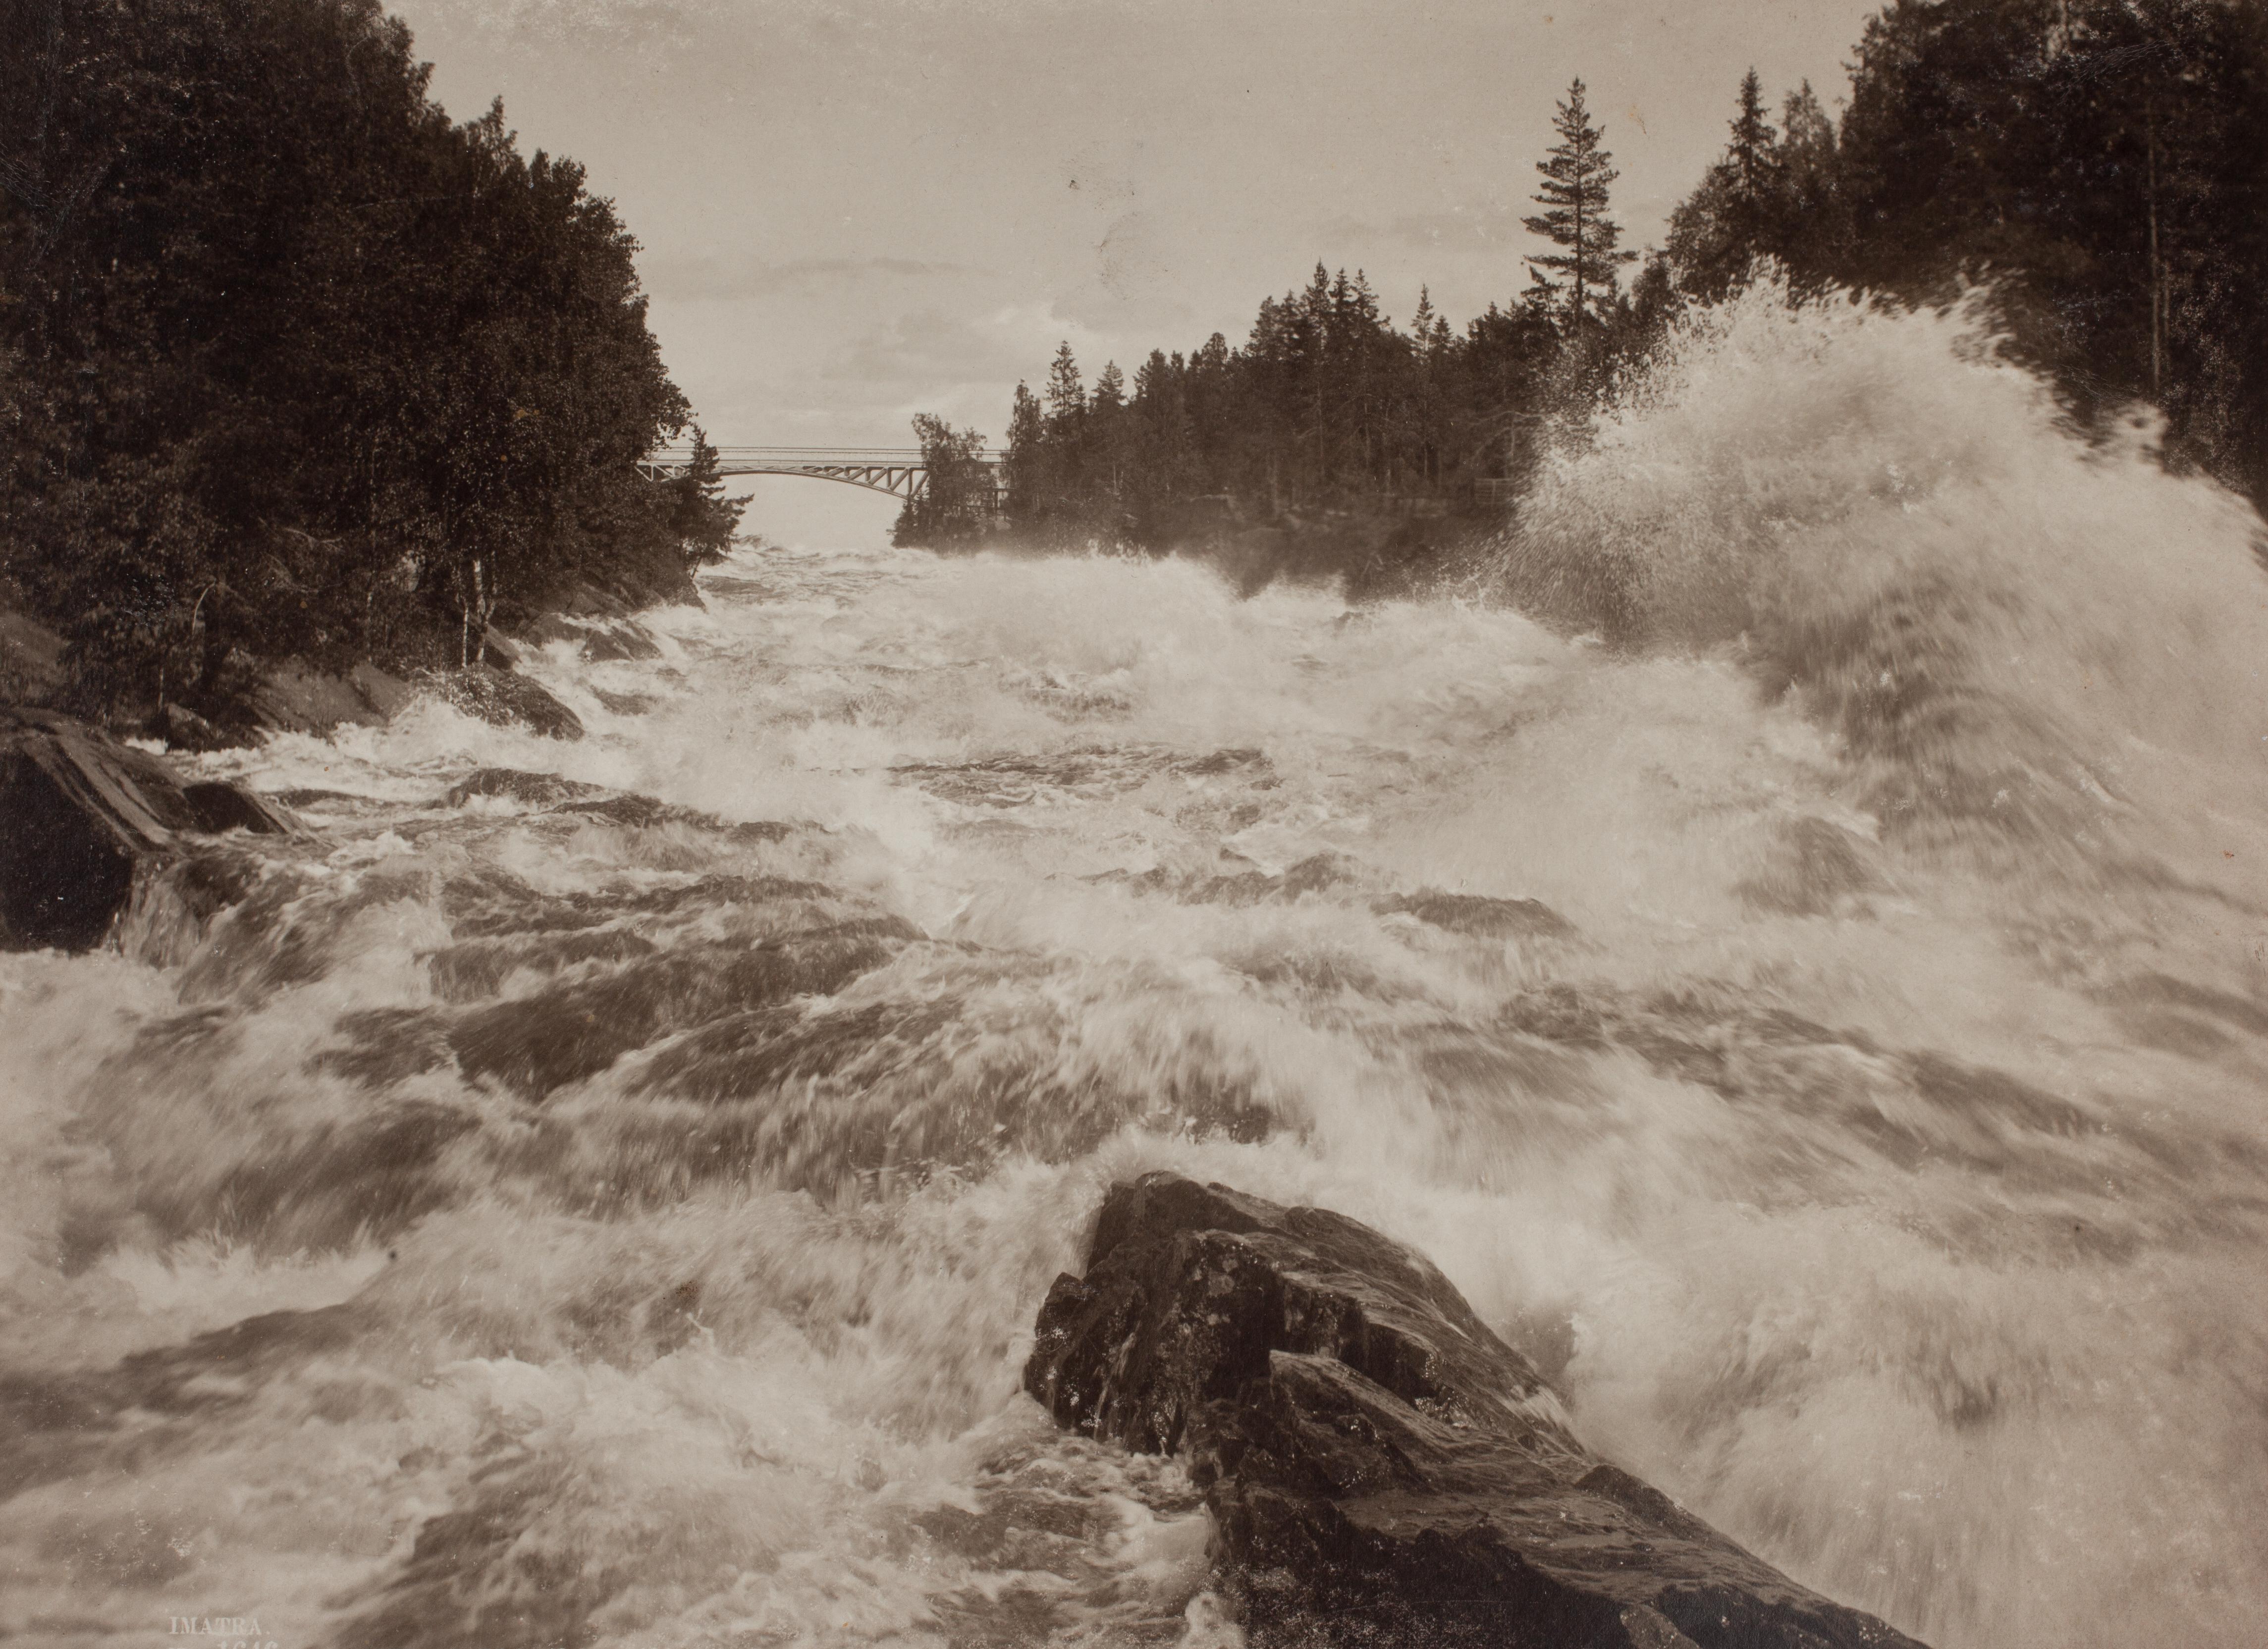 Corredeiras em Imatra, Finlândia [c. 1893]